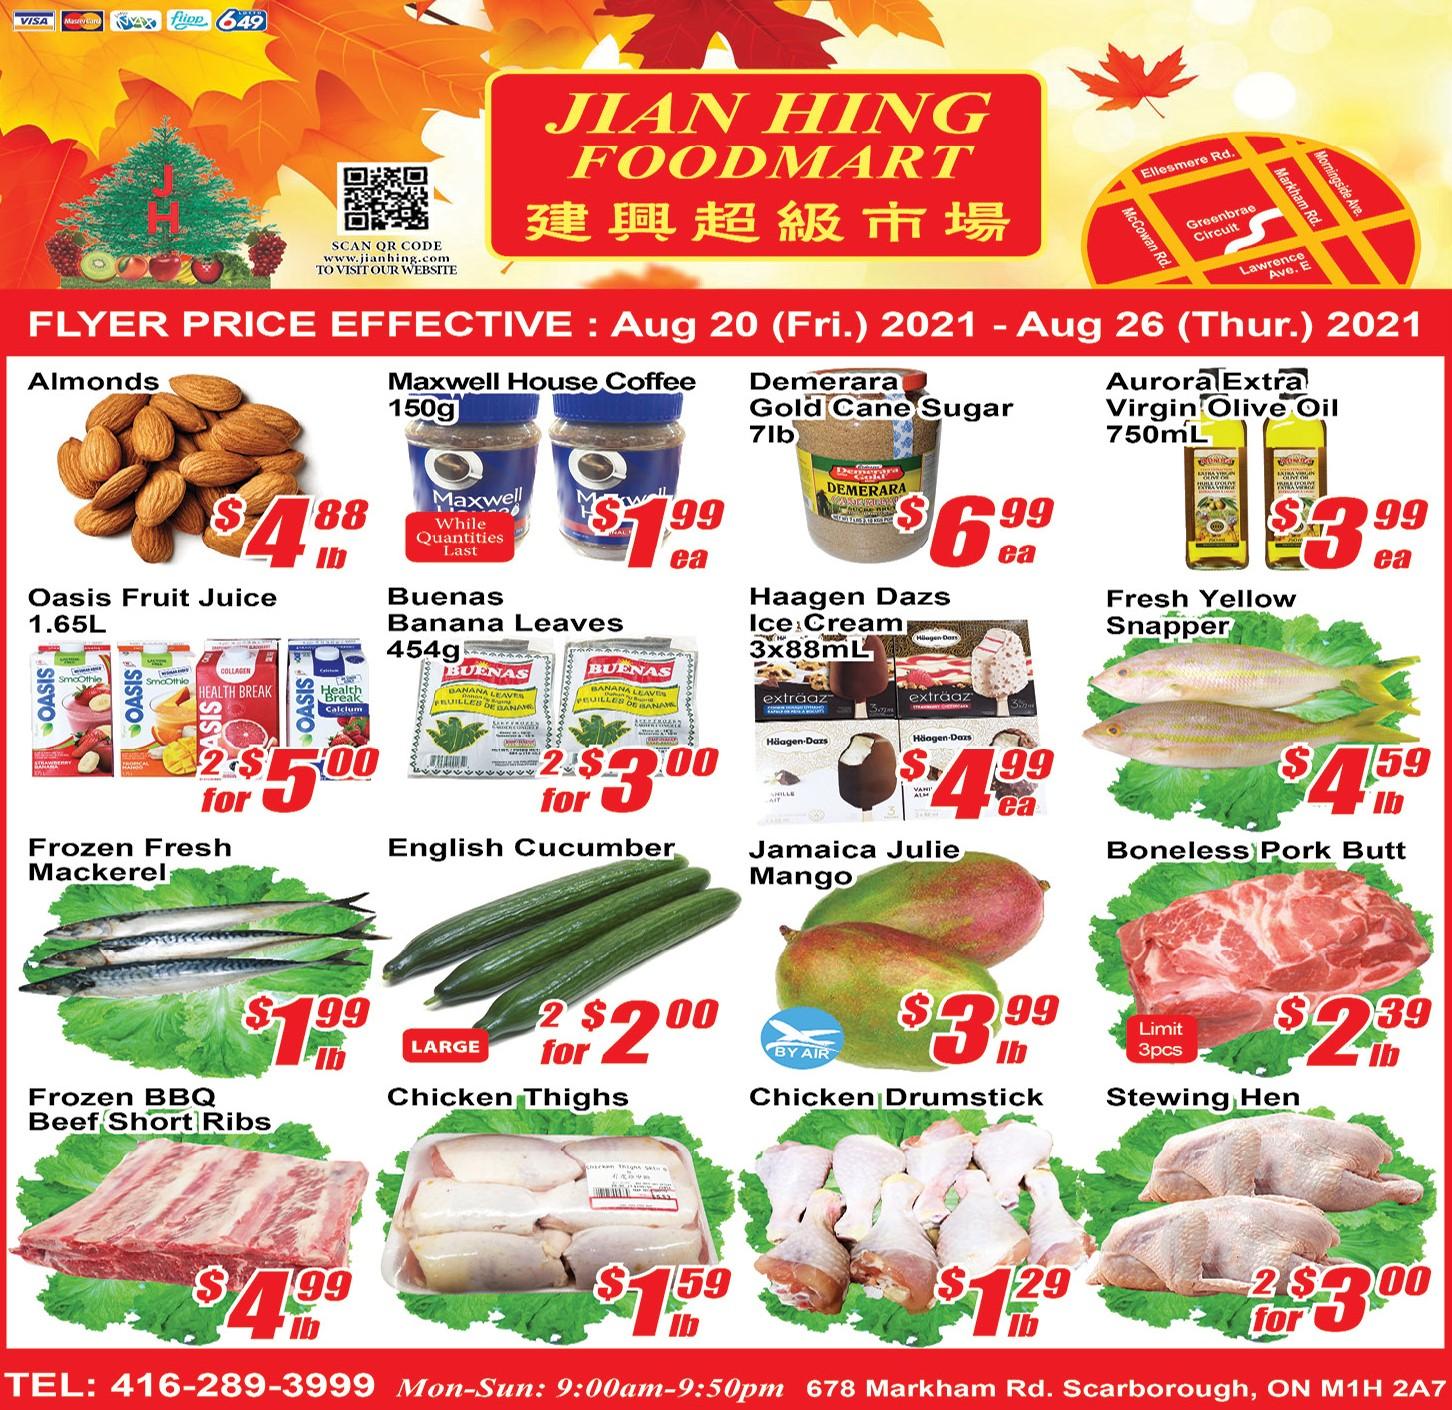 Jian Hing Foodmart Scarborough Flyer | Aug 20